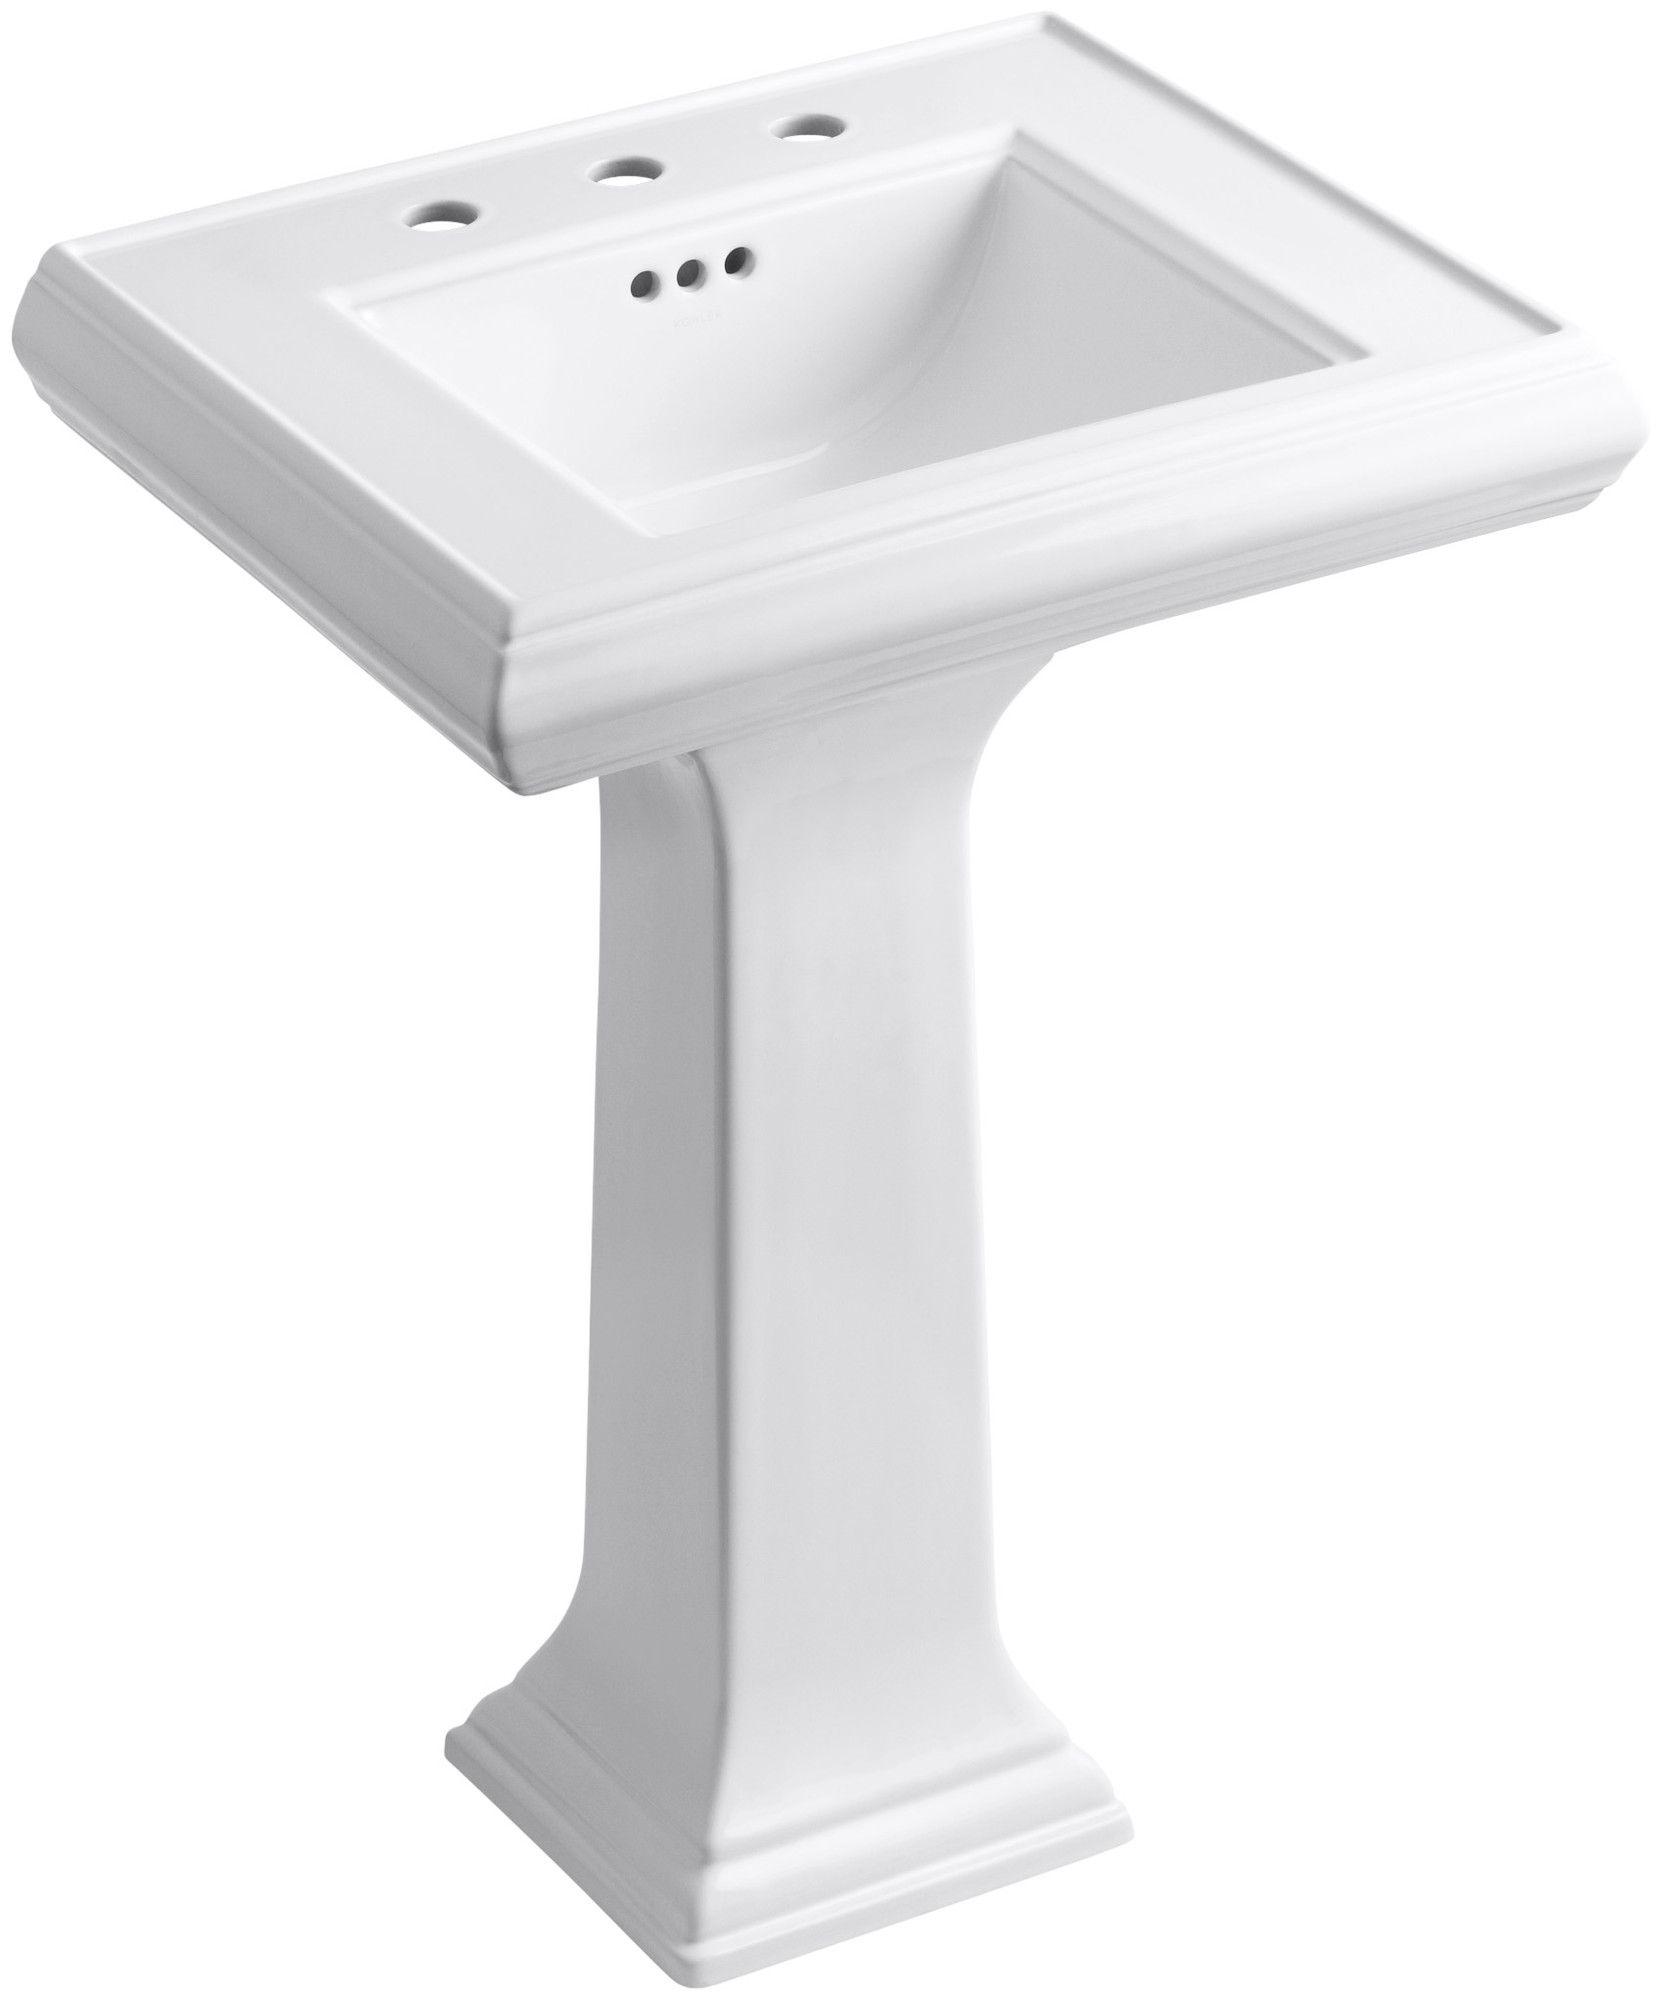 Memoirs Ceramic 24 Pedestal Bathroom Sink With Overflow Kohler